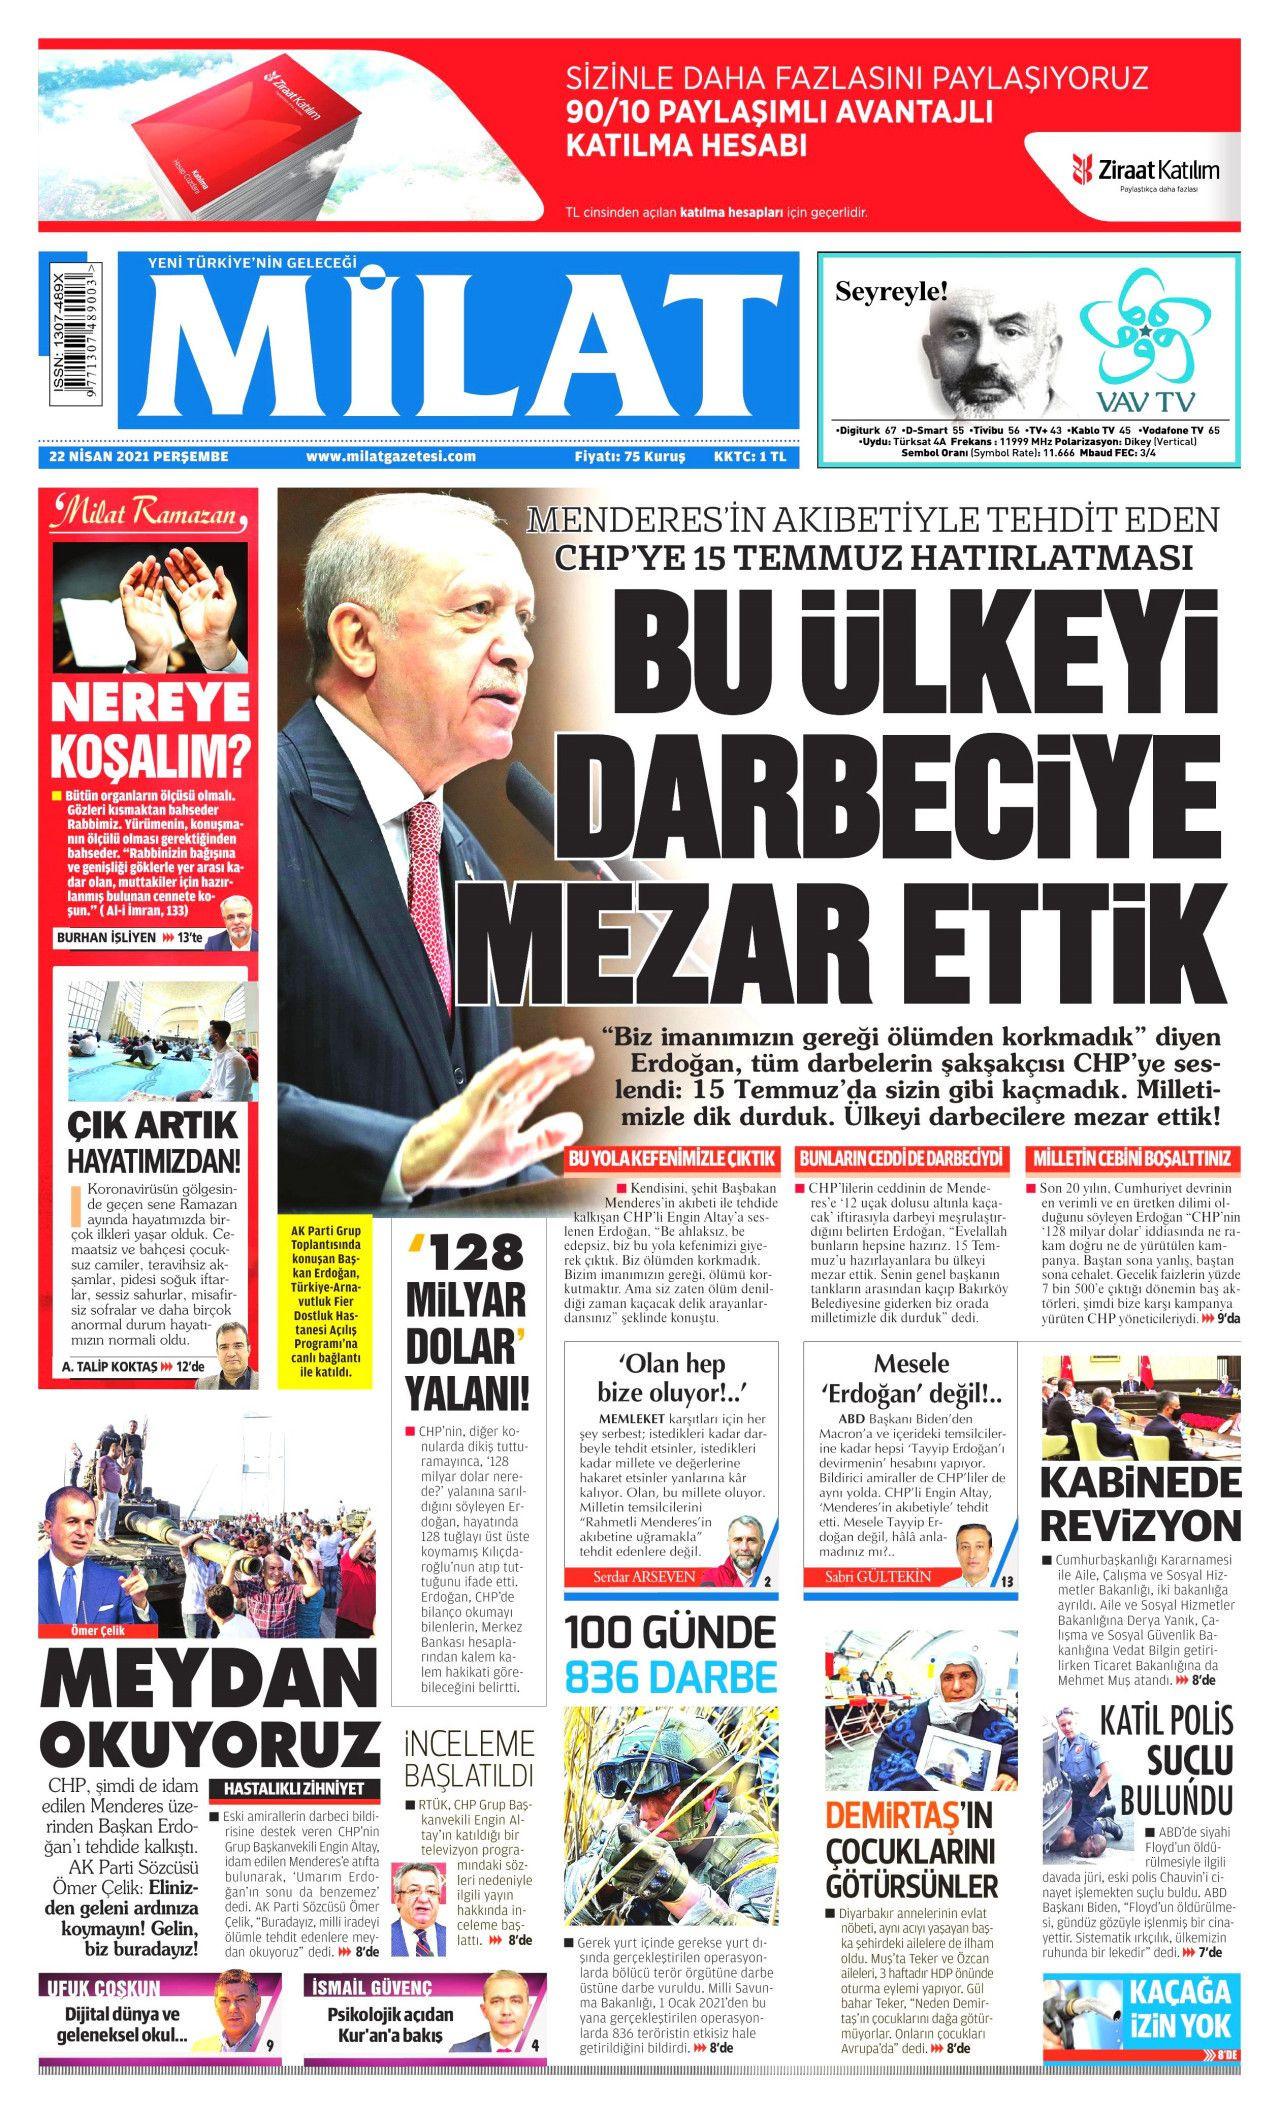 İşte 23 Nisan'da 23 Nisan'ı unutan gazeteler! - Resim: 3